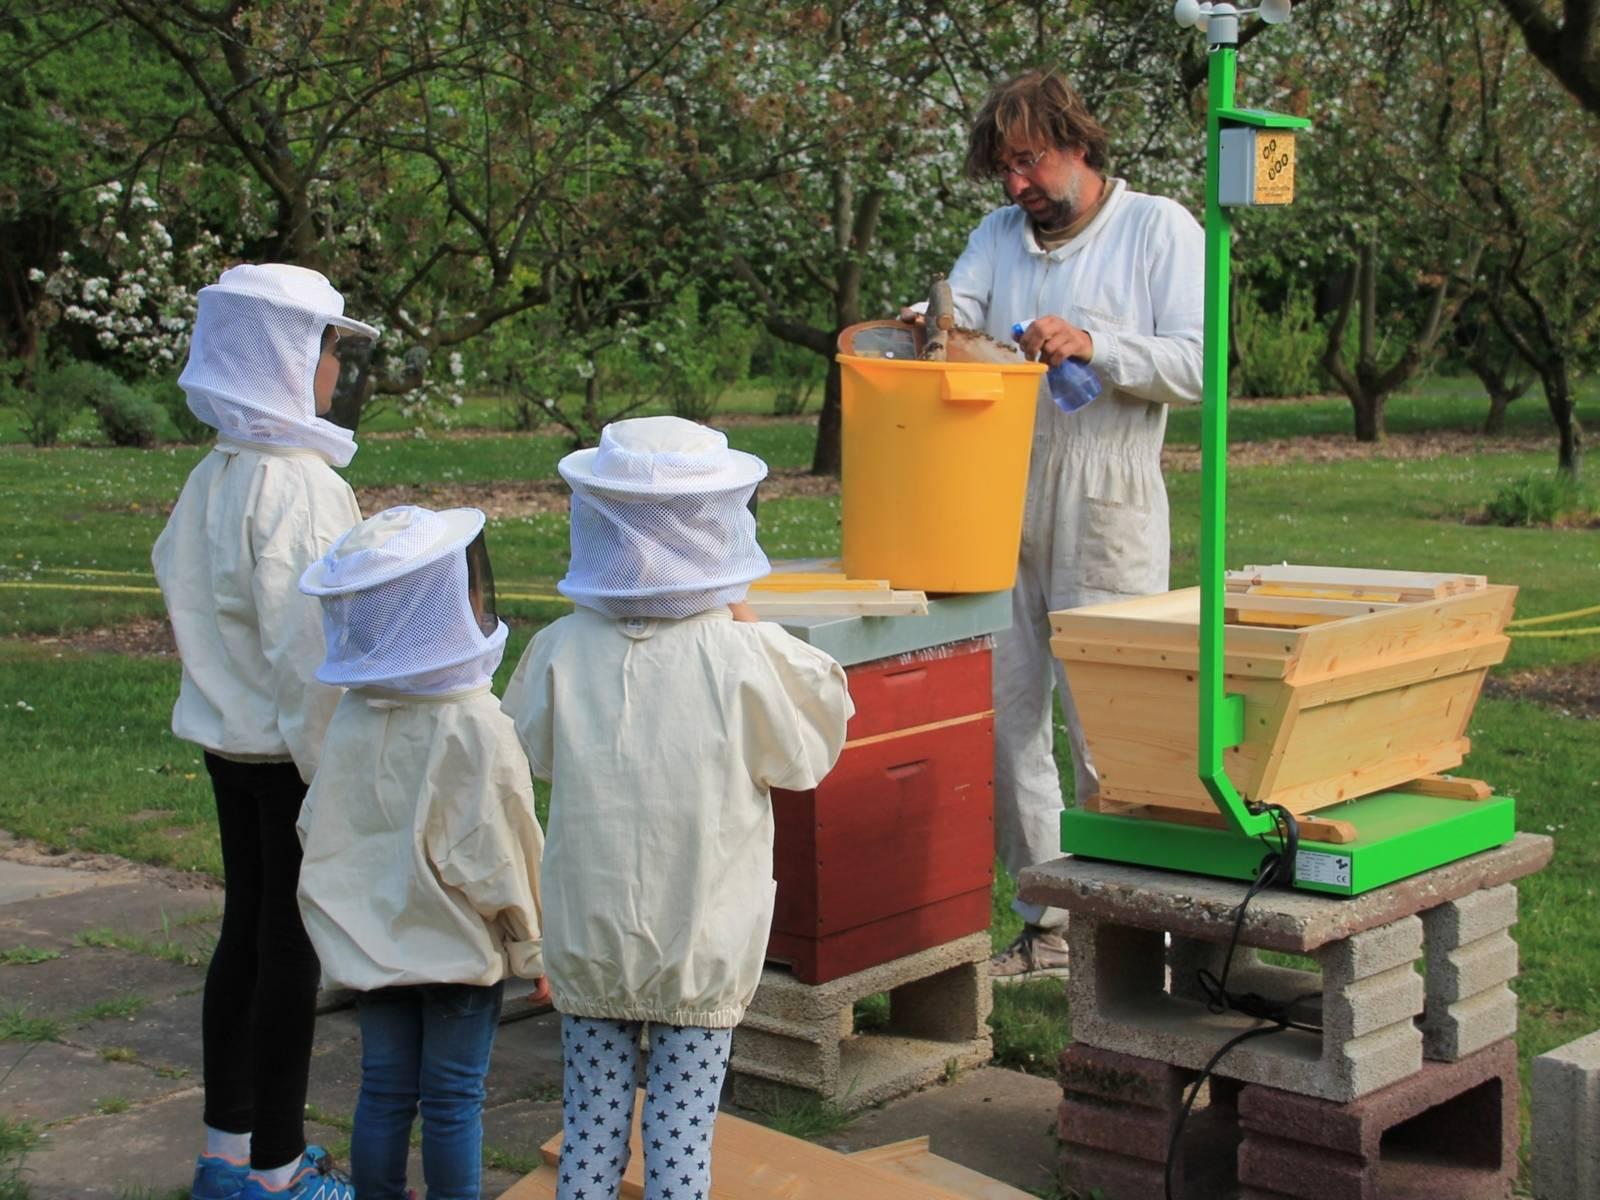 Drei Kinder mit Imkerhelm, die einen Mann an einem Bienenstock beobachten.